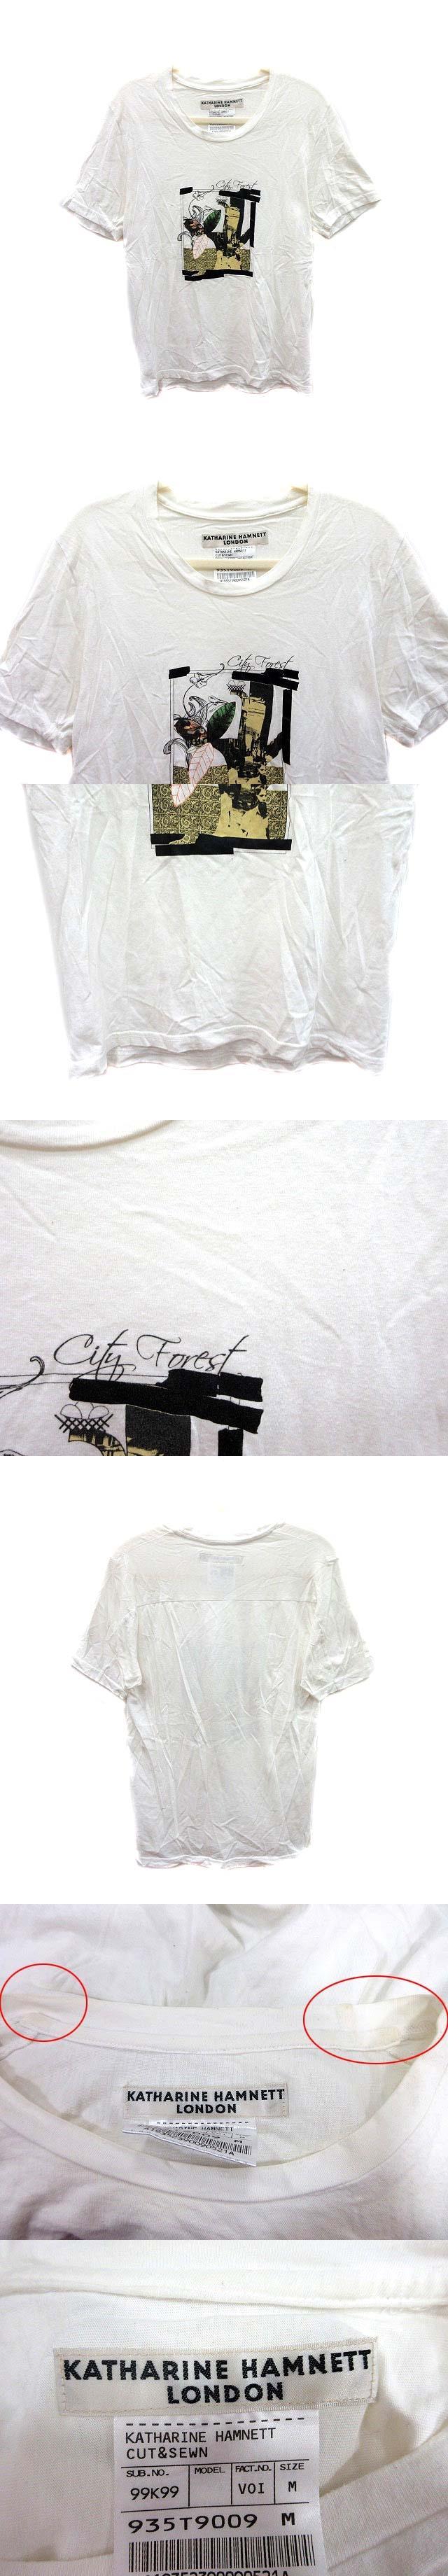 Tシャツ Uネック プリント 半袖 M 白 ホワイト /YK